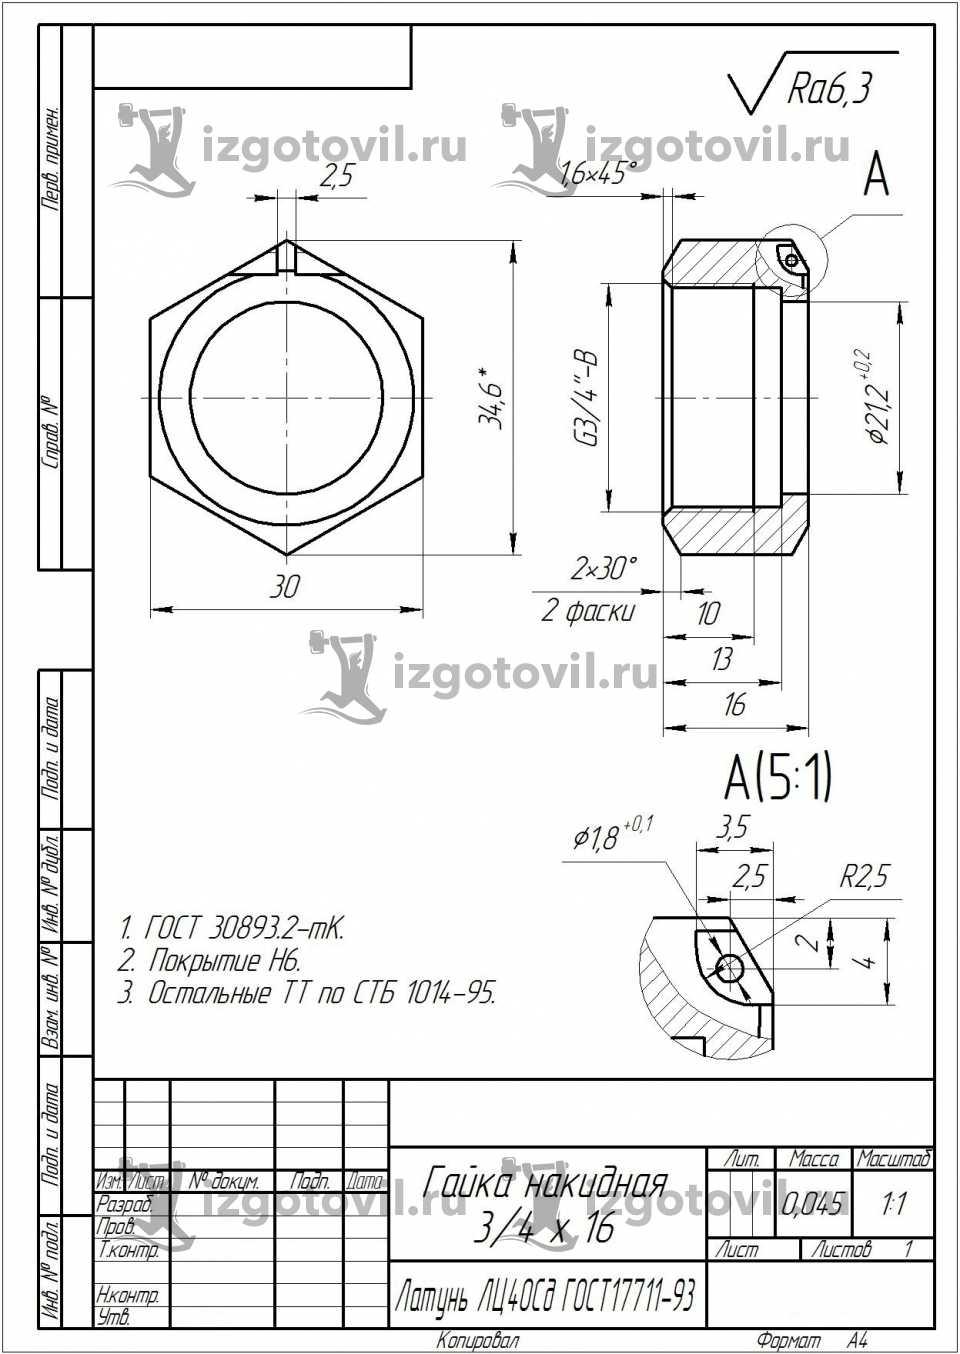 Токарная обработка ЧПУ - изготовление гаек